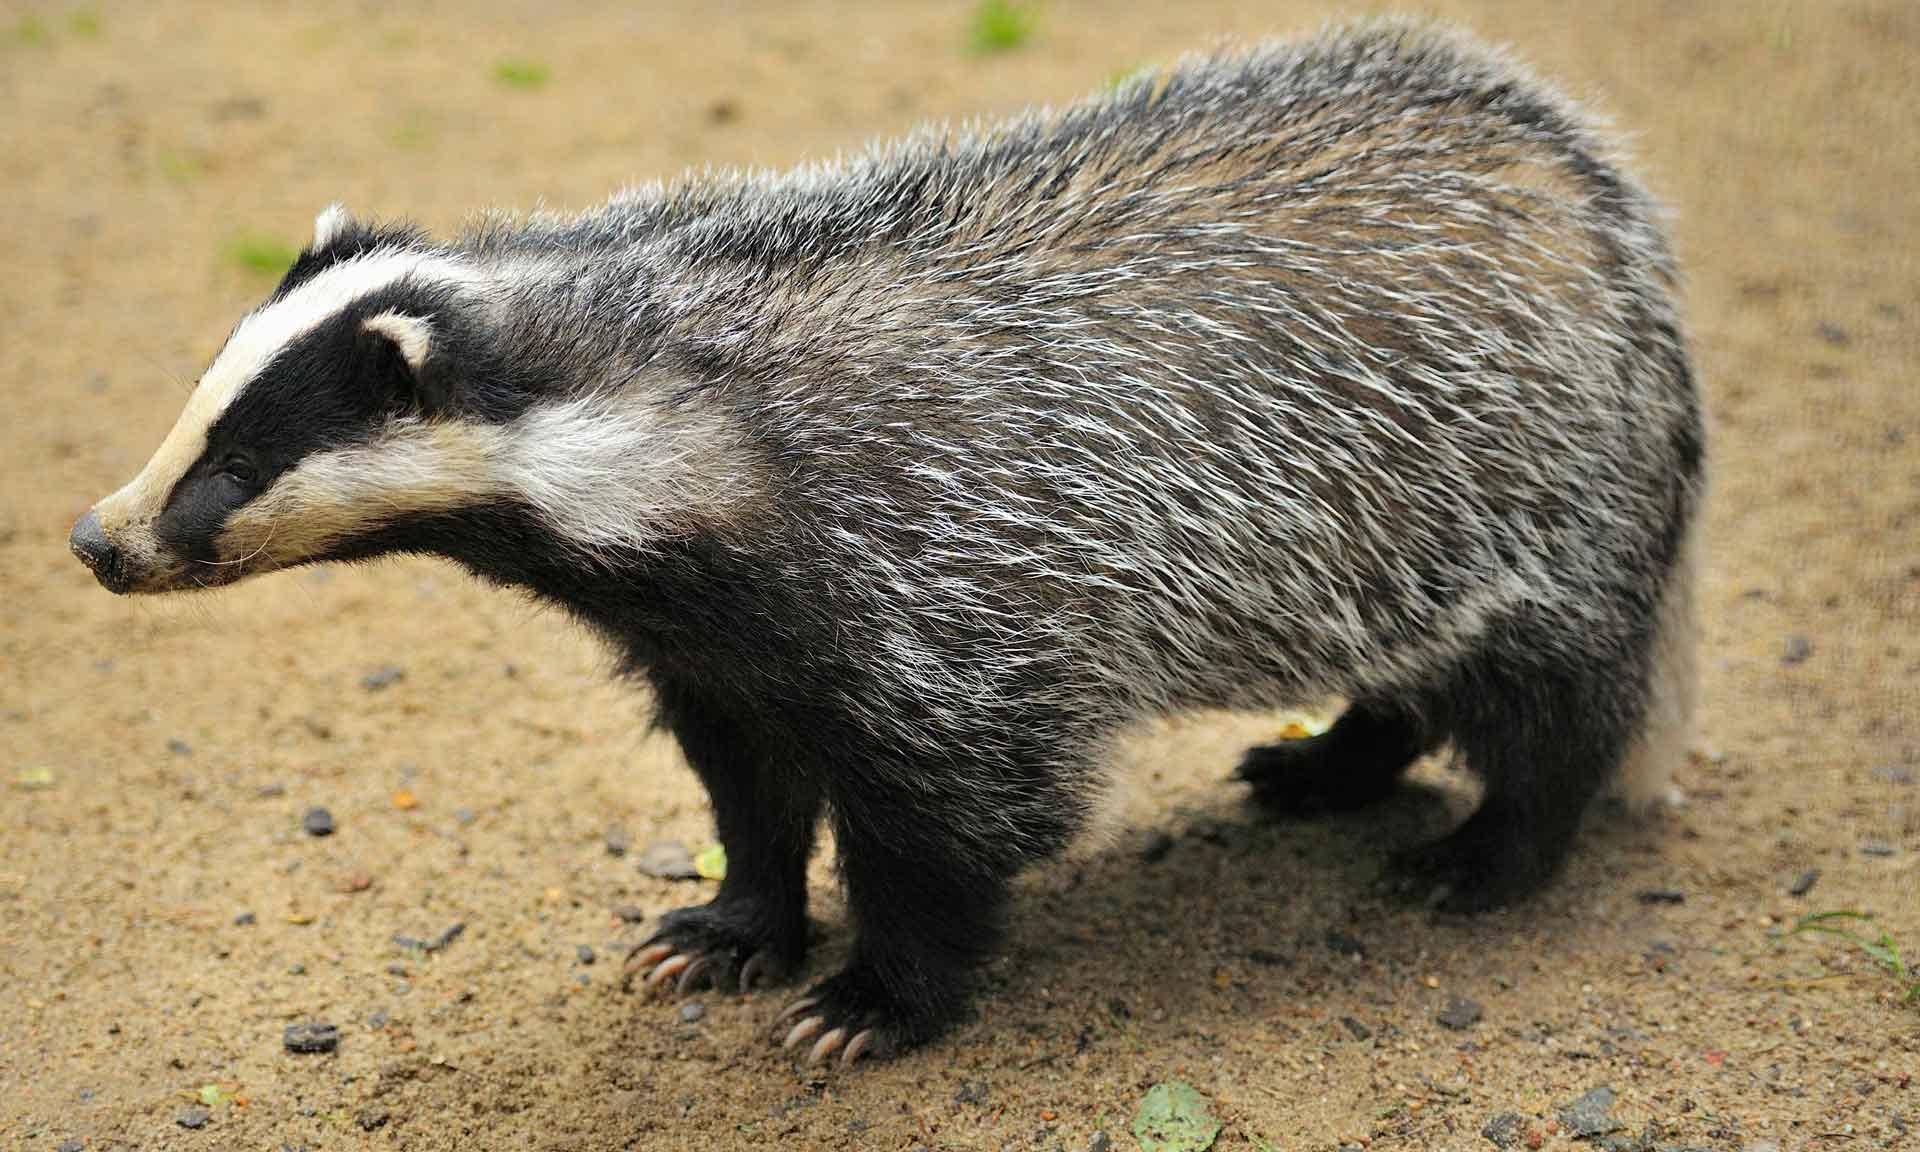 Животное барсук имеет вытянутую морду и короткие лапы